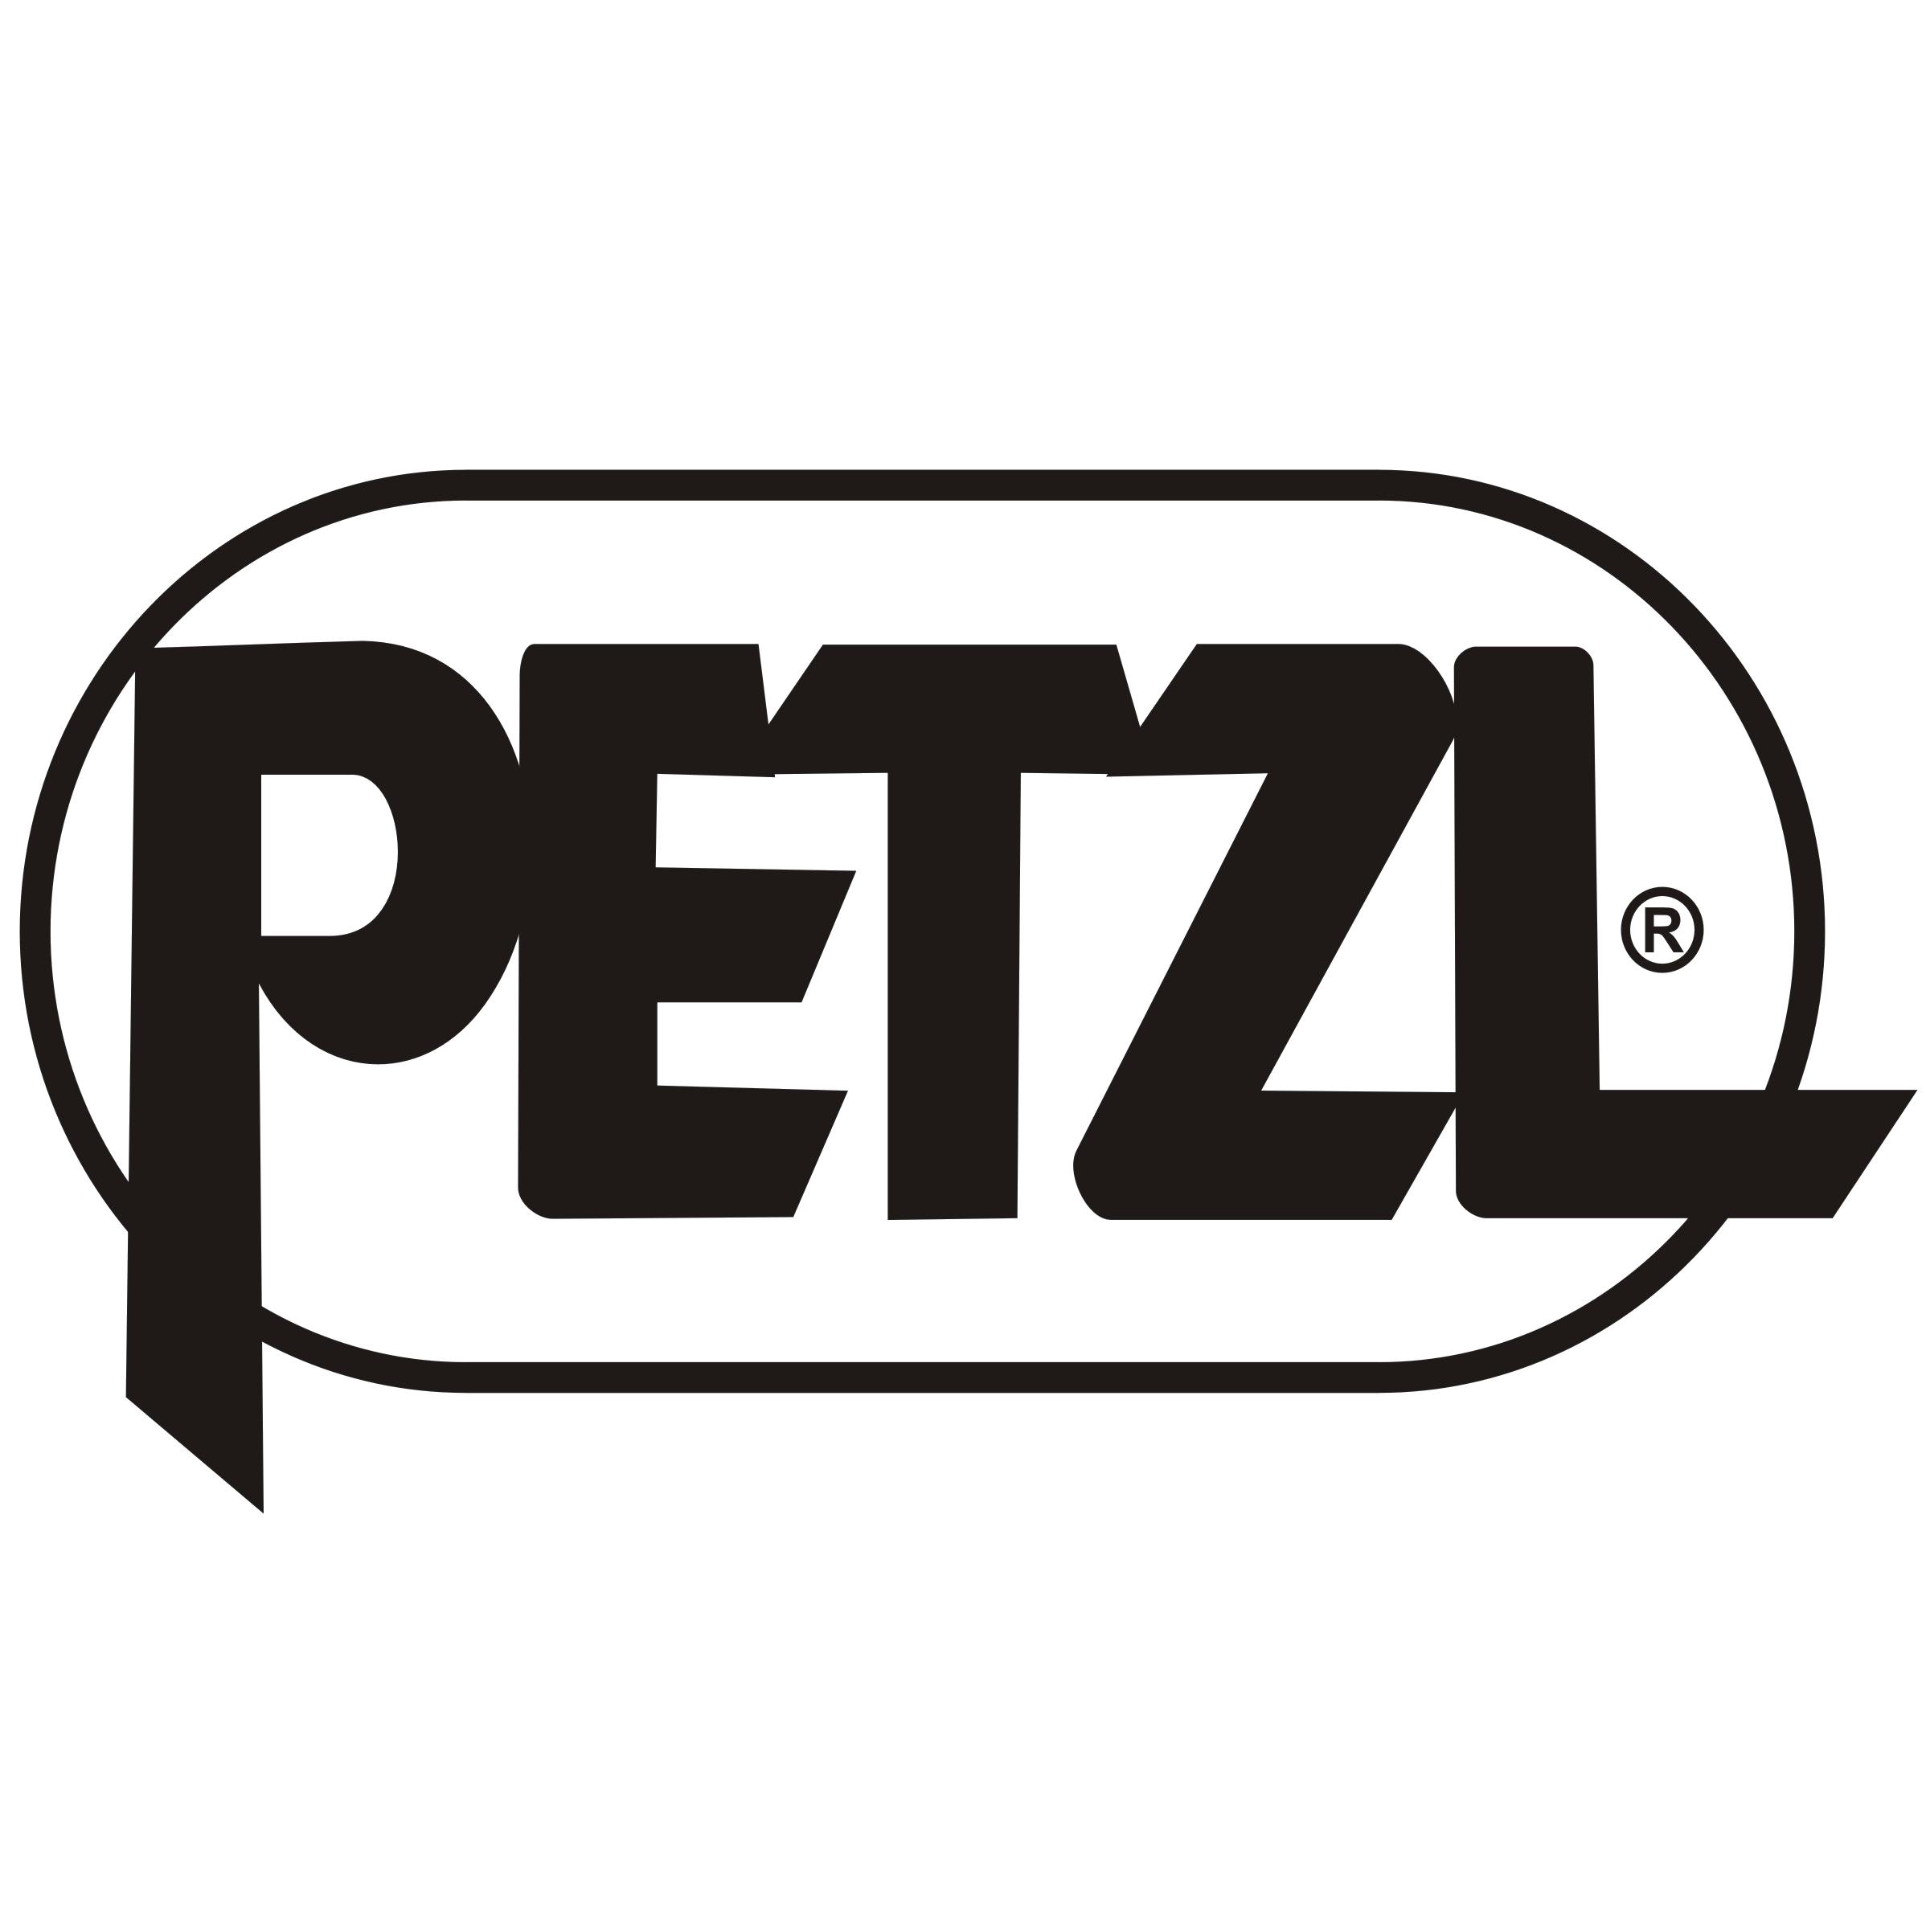 petzl.jpg